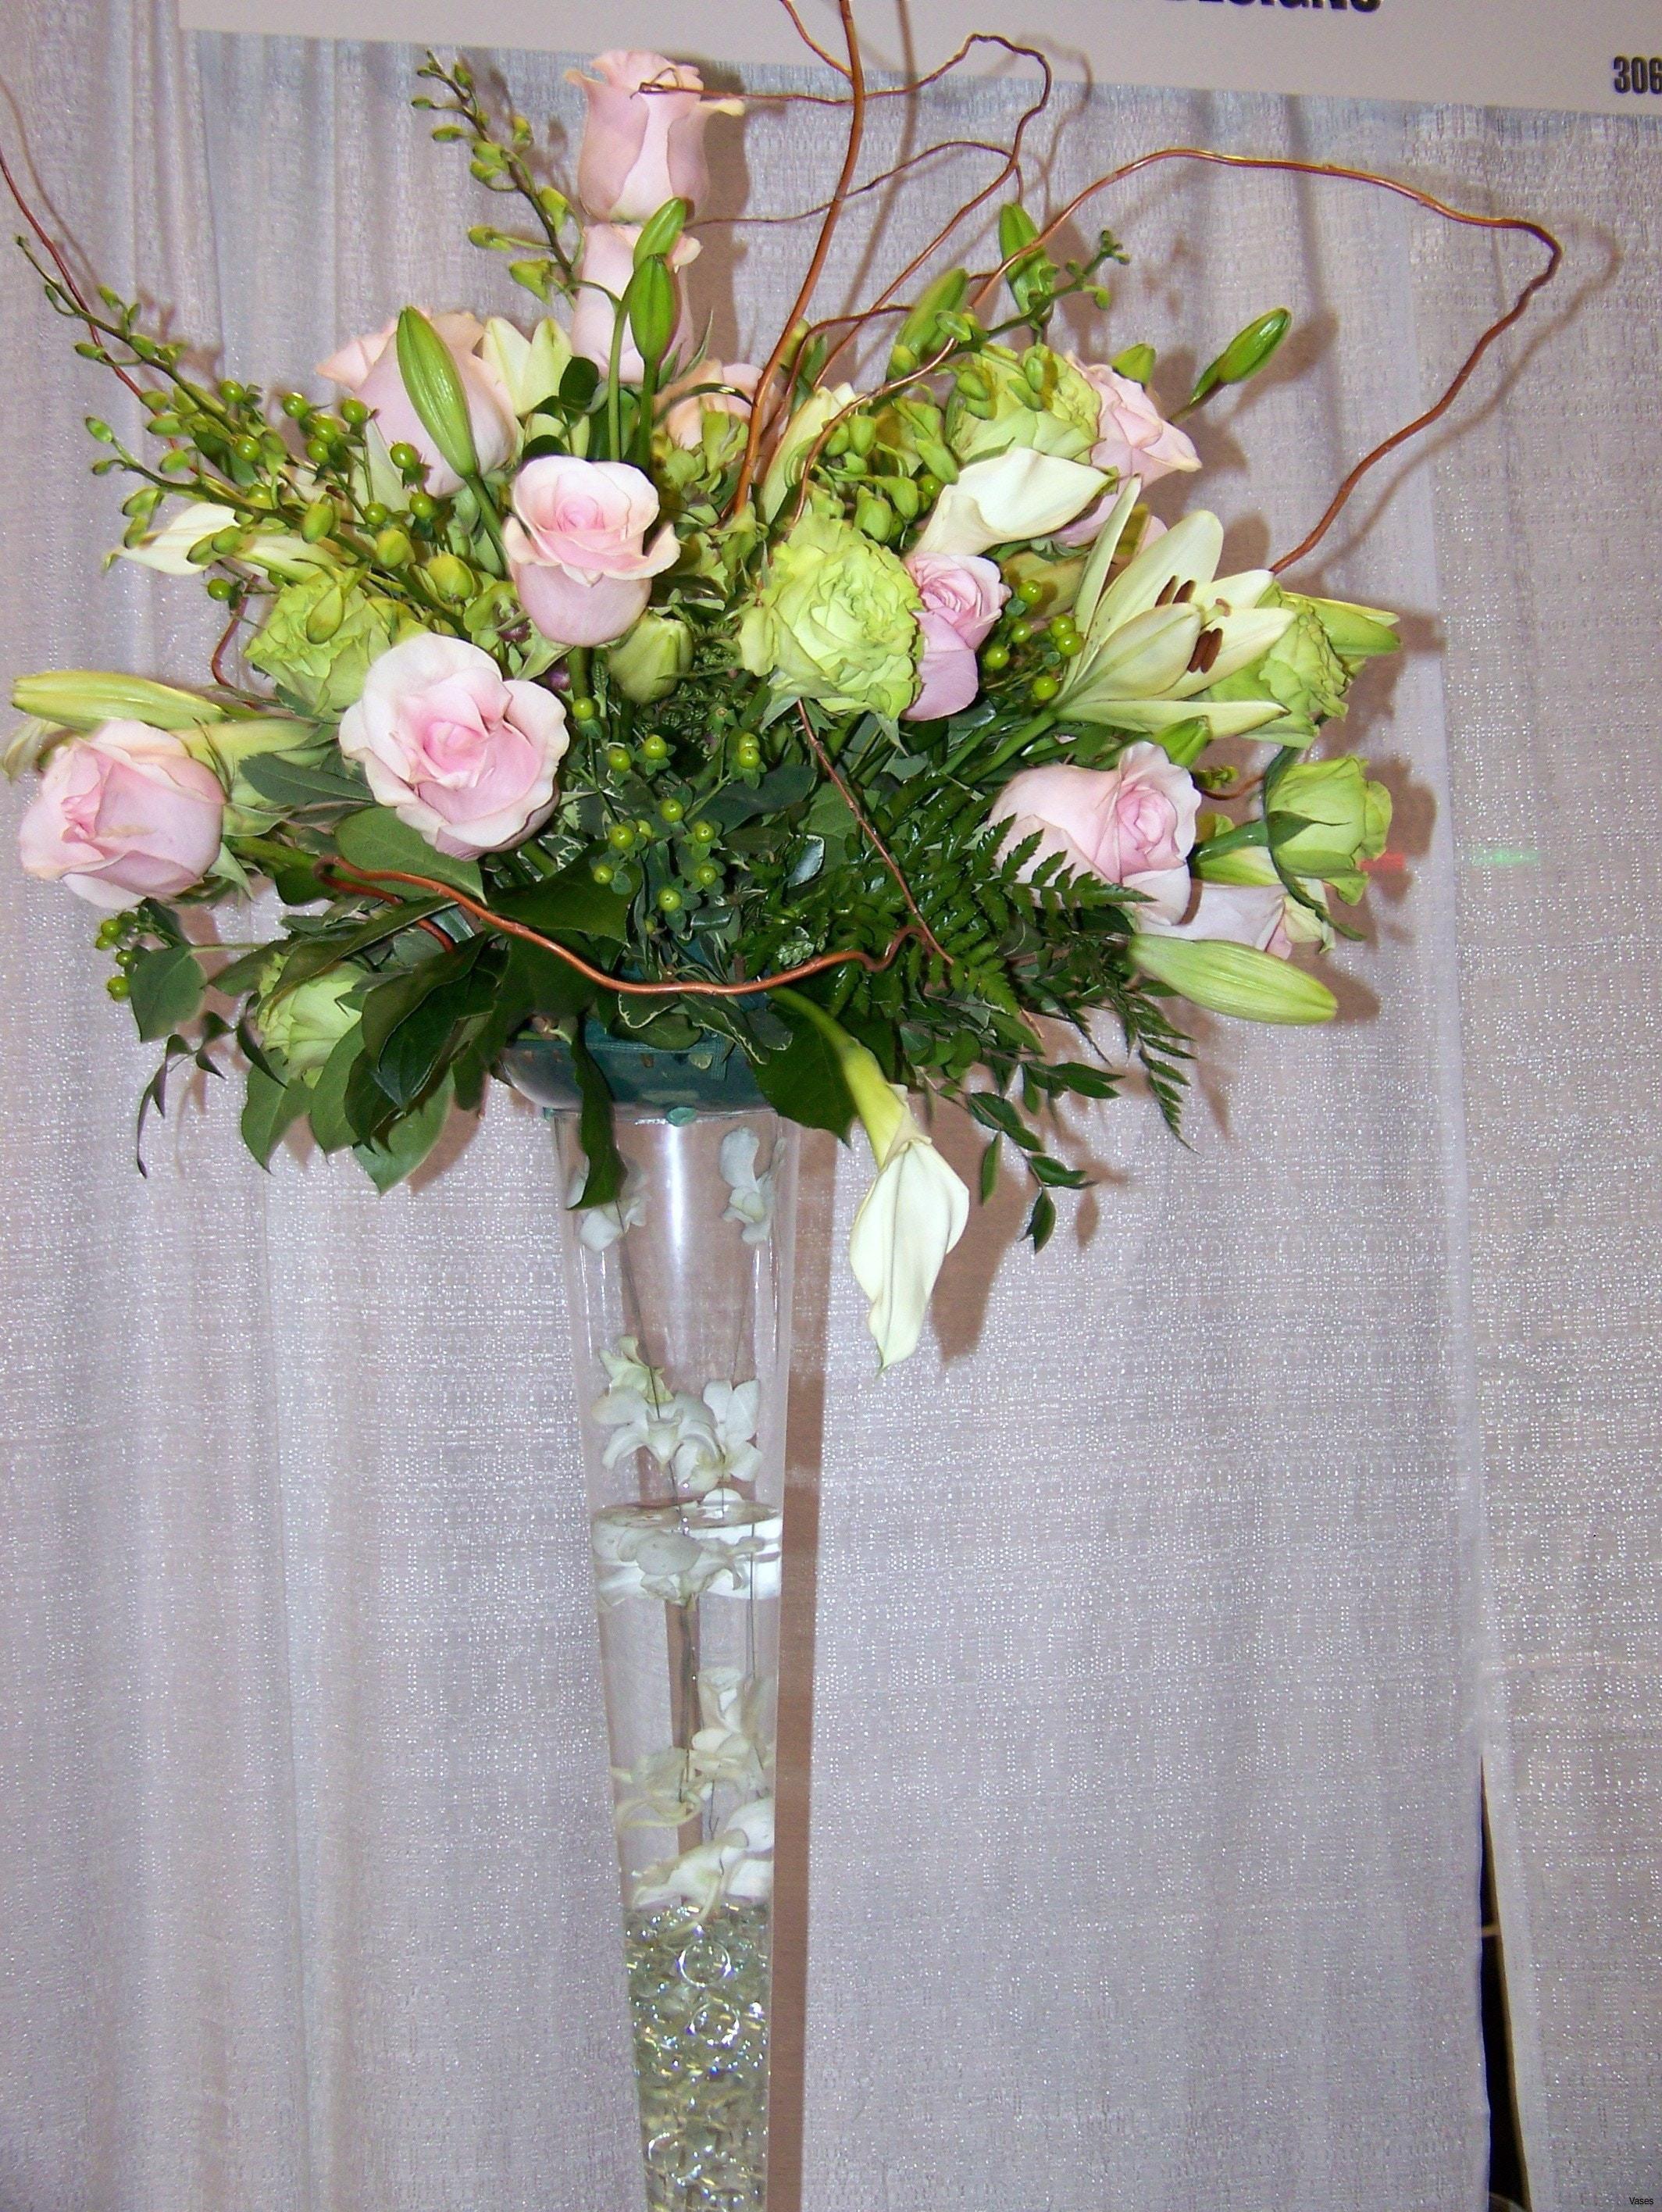 throwing a vase of deco table princesse nouveau h vases ideas for floral arrangements regarding deco table princesse nouveau h vases ideas for floral arrangements in i 0d design ideas design